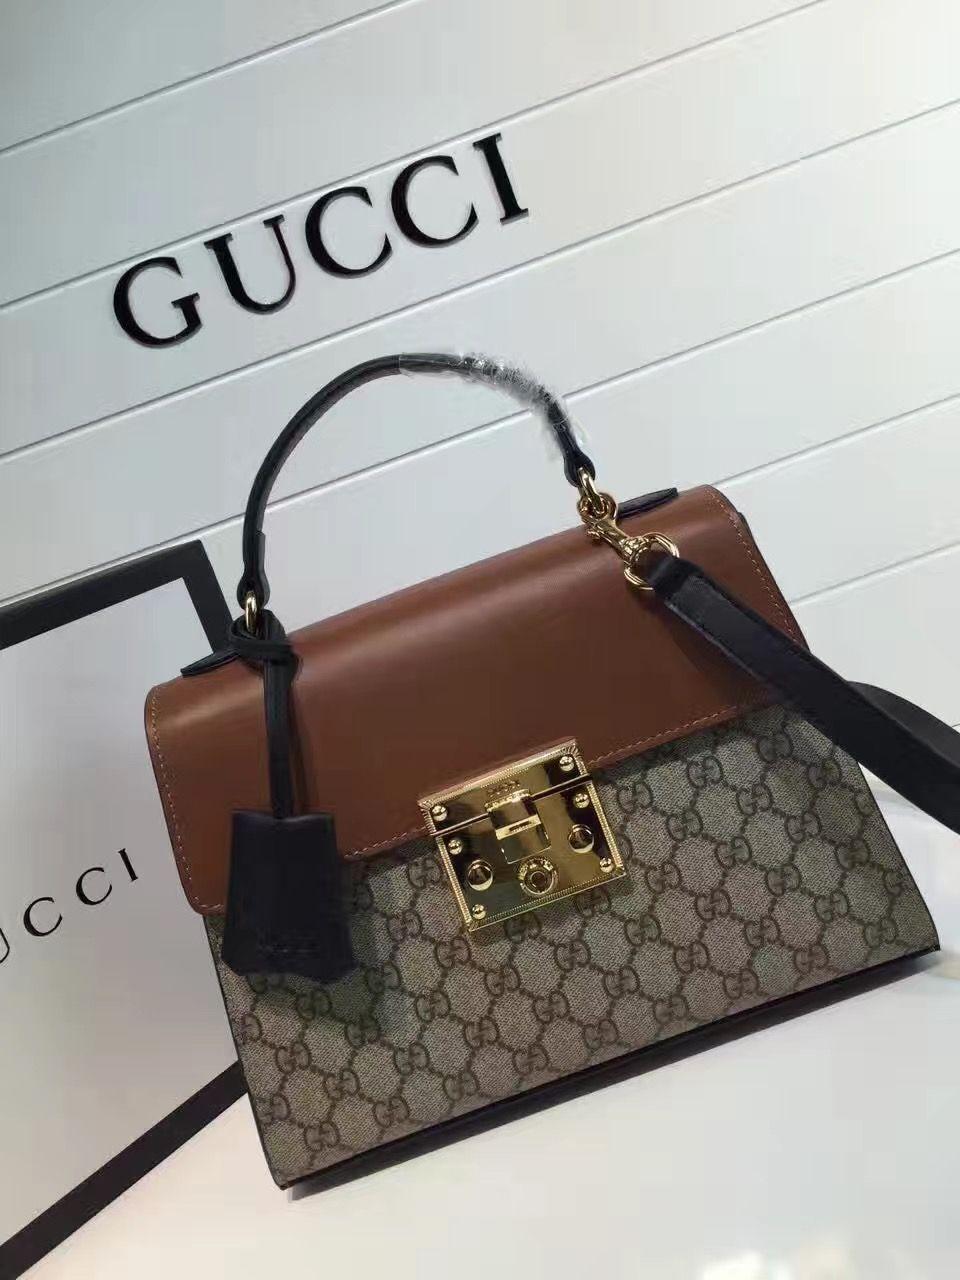 2e876eafcb7 Gucci Padlock GG Supreme Top Handle Small Bag 453188 Brown 2016 ...